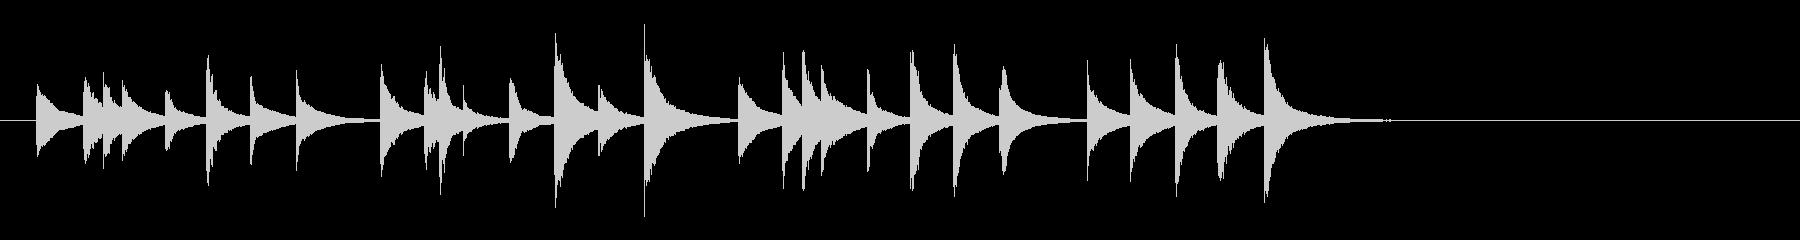 松虫15キラキラ鉄琴アジアン和風歌舞伎鳴の未再生の波形